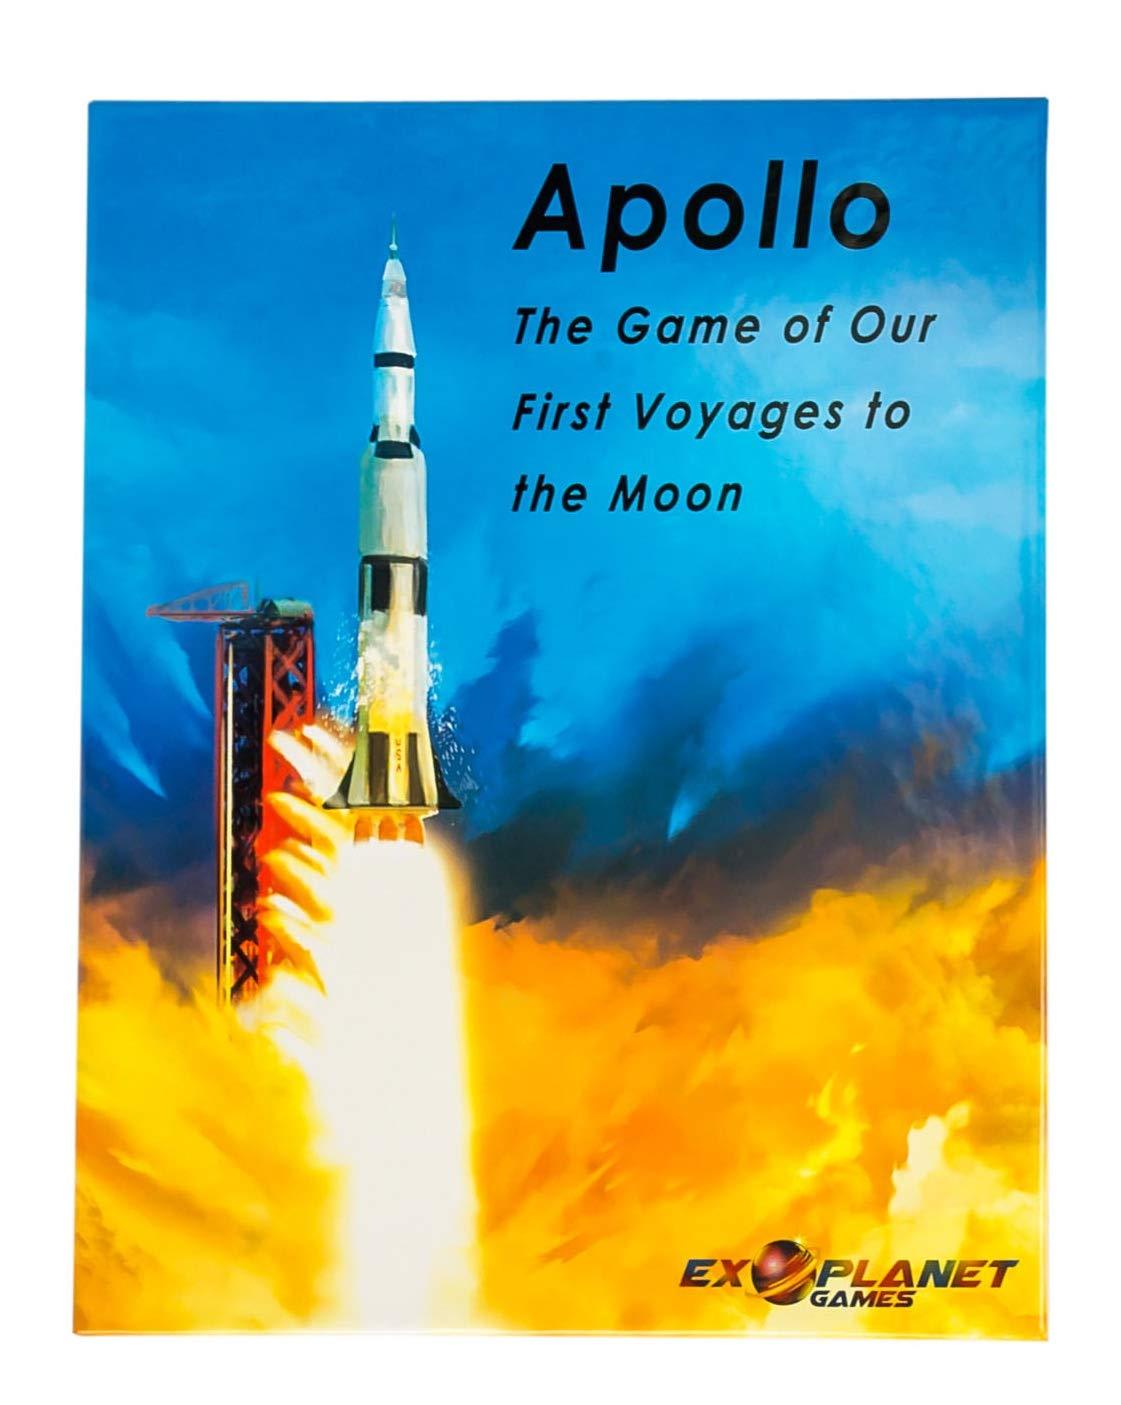 直送商品 Apollo: Voyages The Game of Our First Voyages of to to The Moon B07NPVHPK3, 大人インテリア専門店zi-ta ジータ:683580bd --- vanhavertotgracht.nl